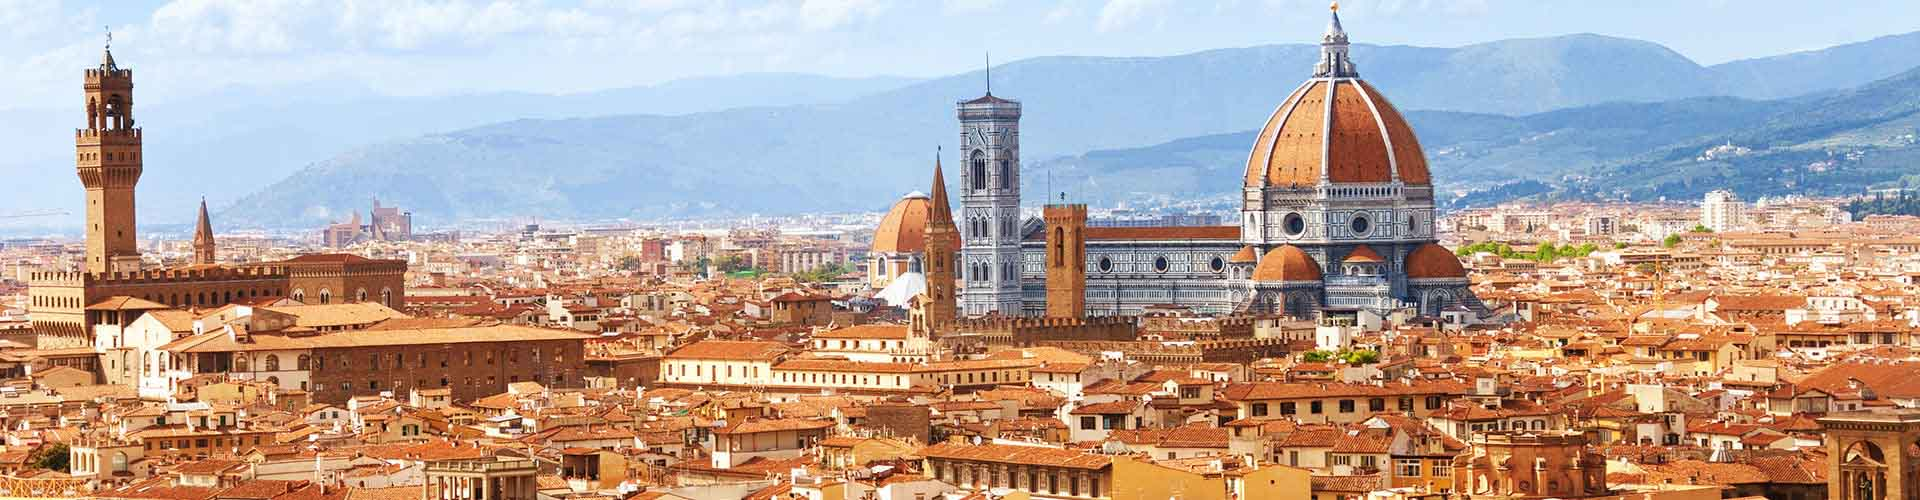 Florence - Appartements dans le quartier de Leon Rosso. Cartes pour Florence, photos et commentaires pour chaque appartement à Florence.